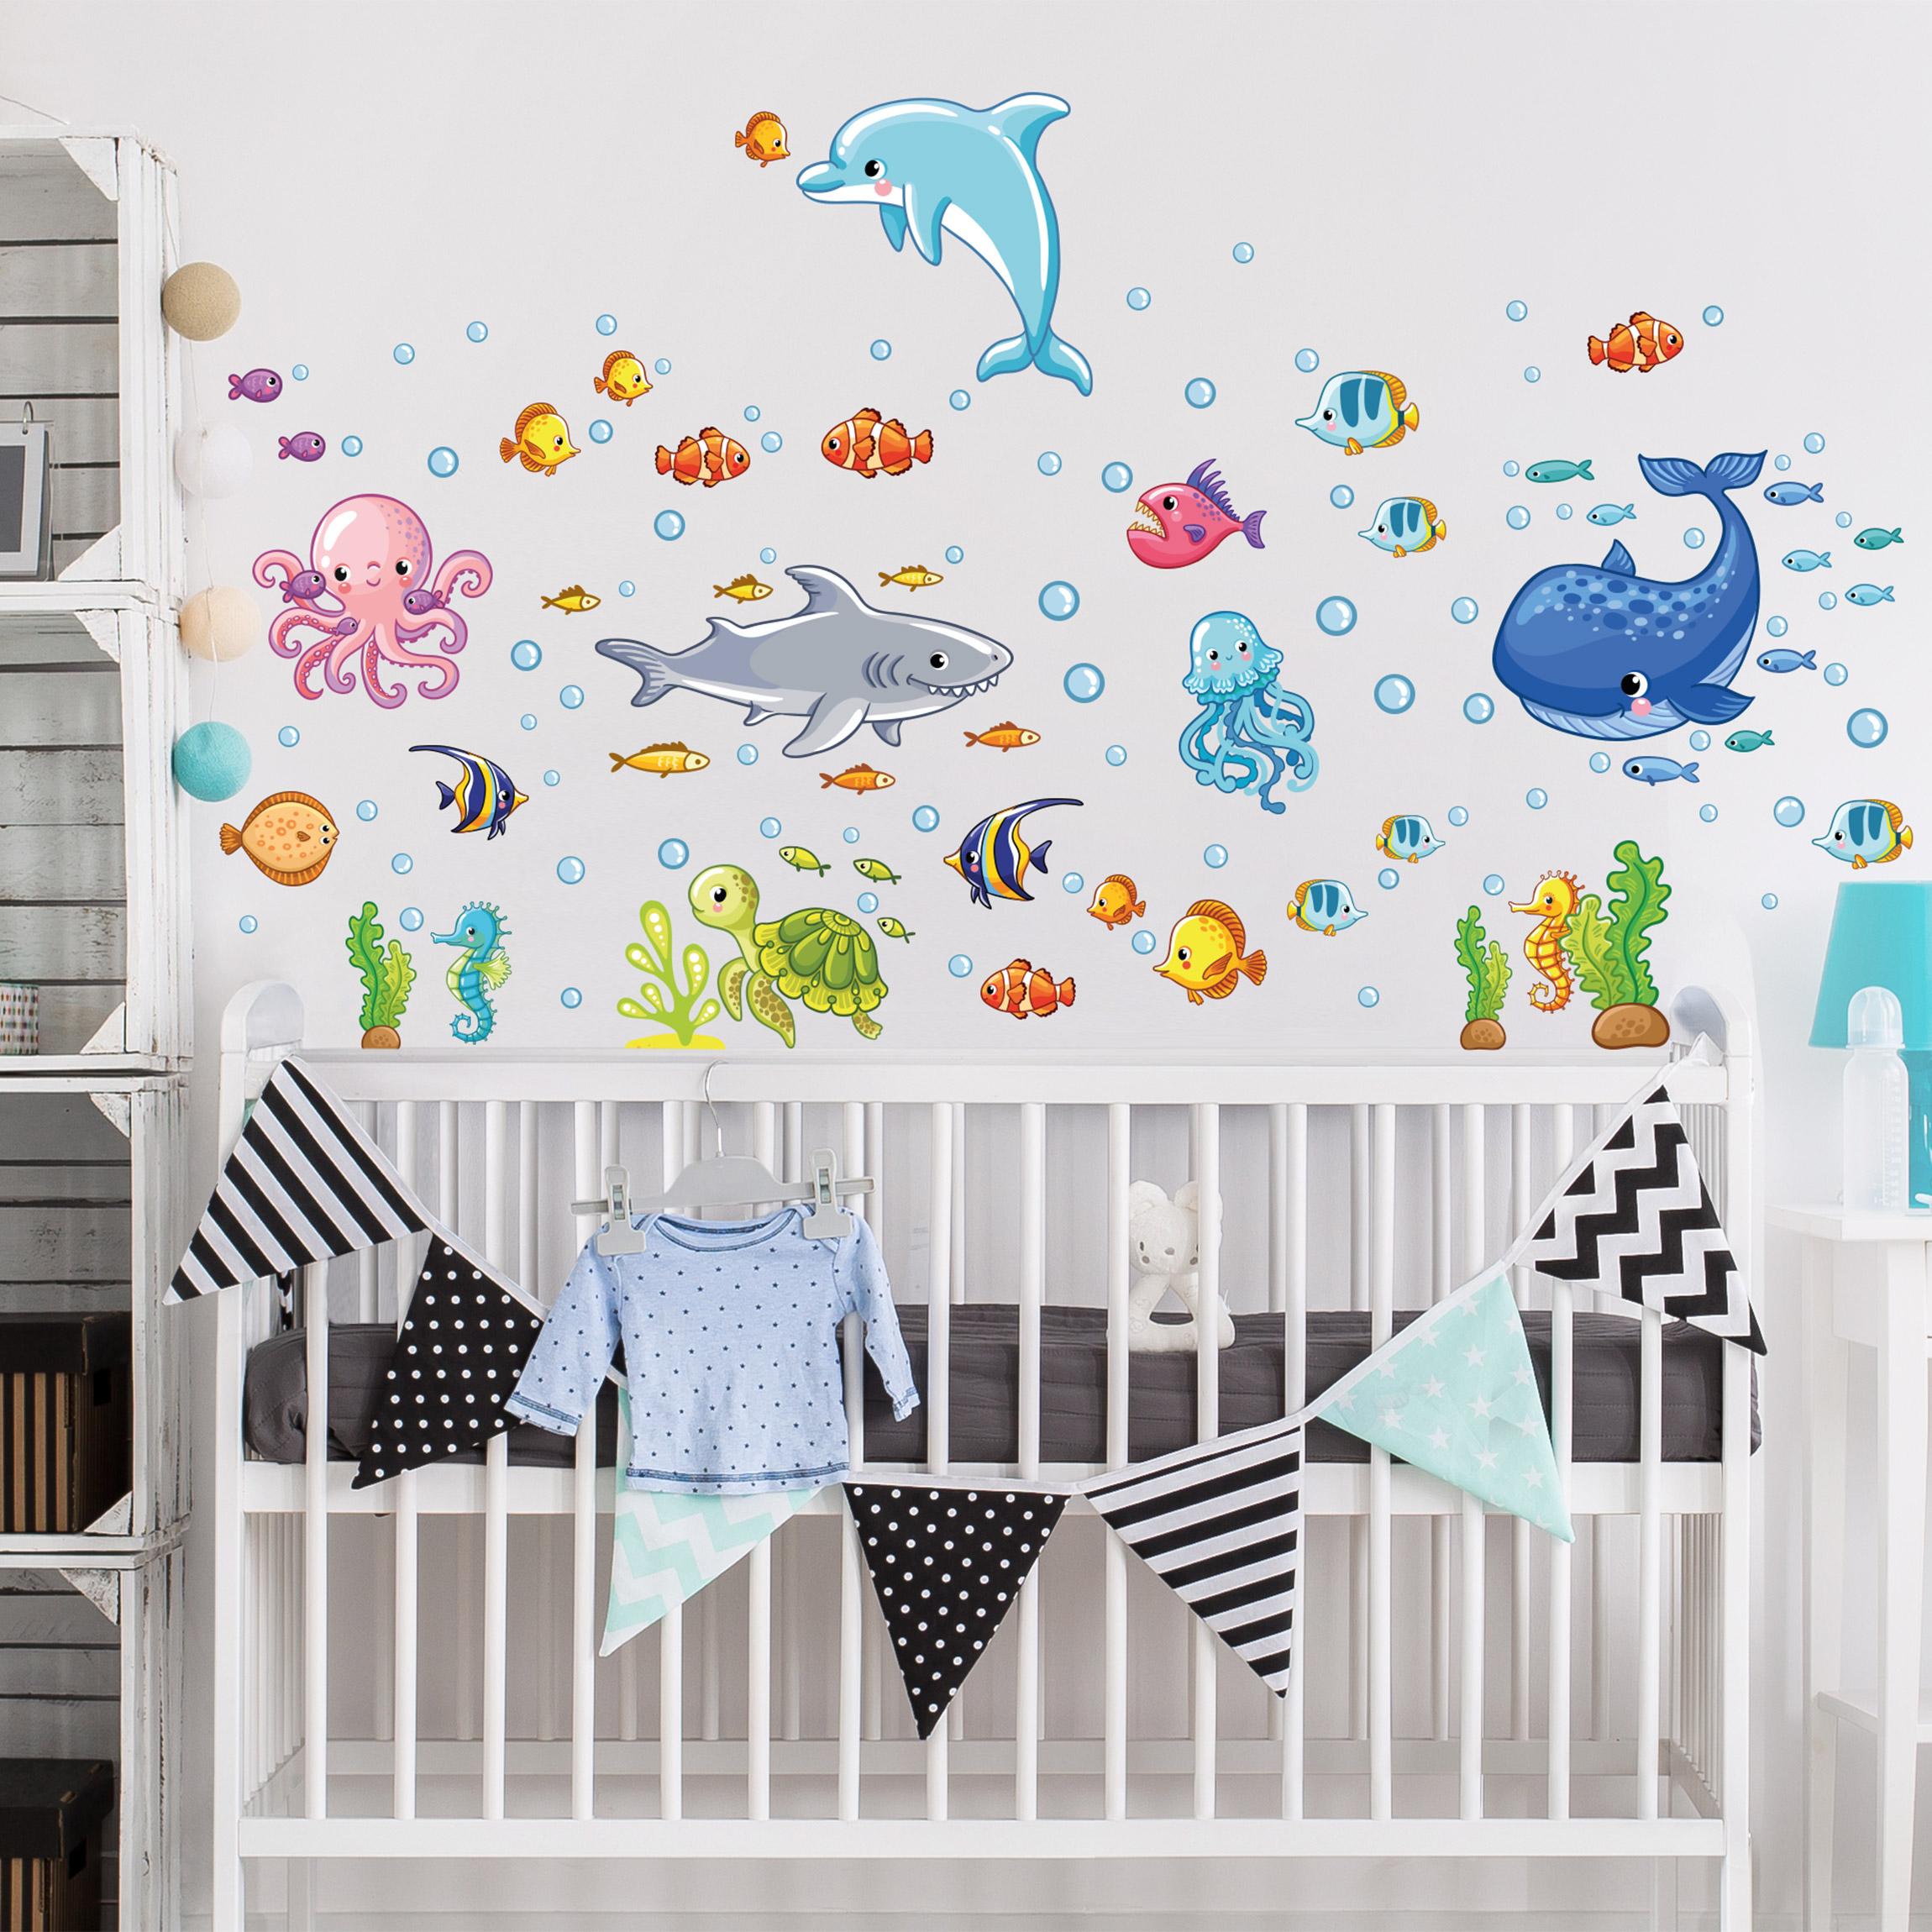 Full Size of Wandtatoo Kinderzimmer Wandtattoo Unterwasserwelt Fisch Set Regal Weiß Sofa Küche Regale Kinderzimmer Wandtatoo Kinderzimmer